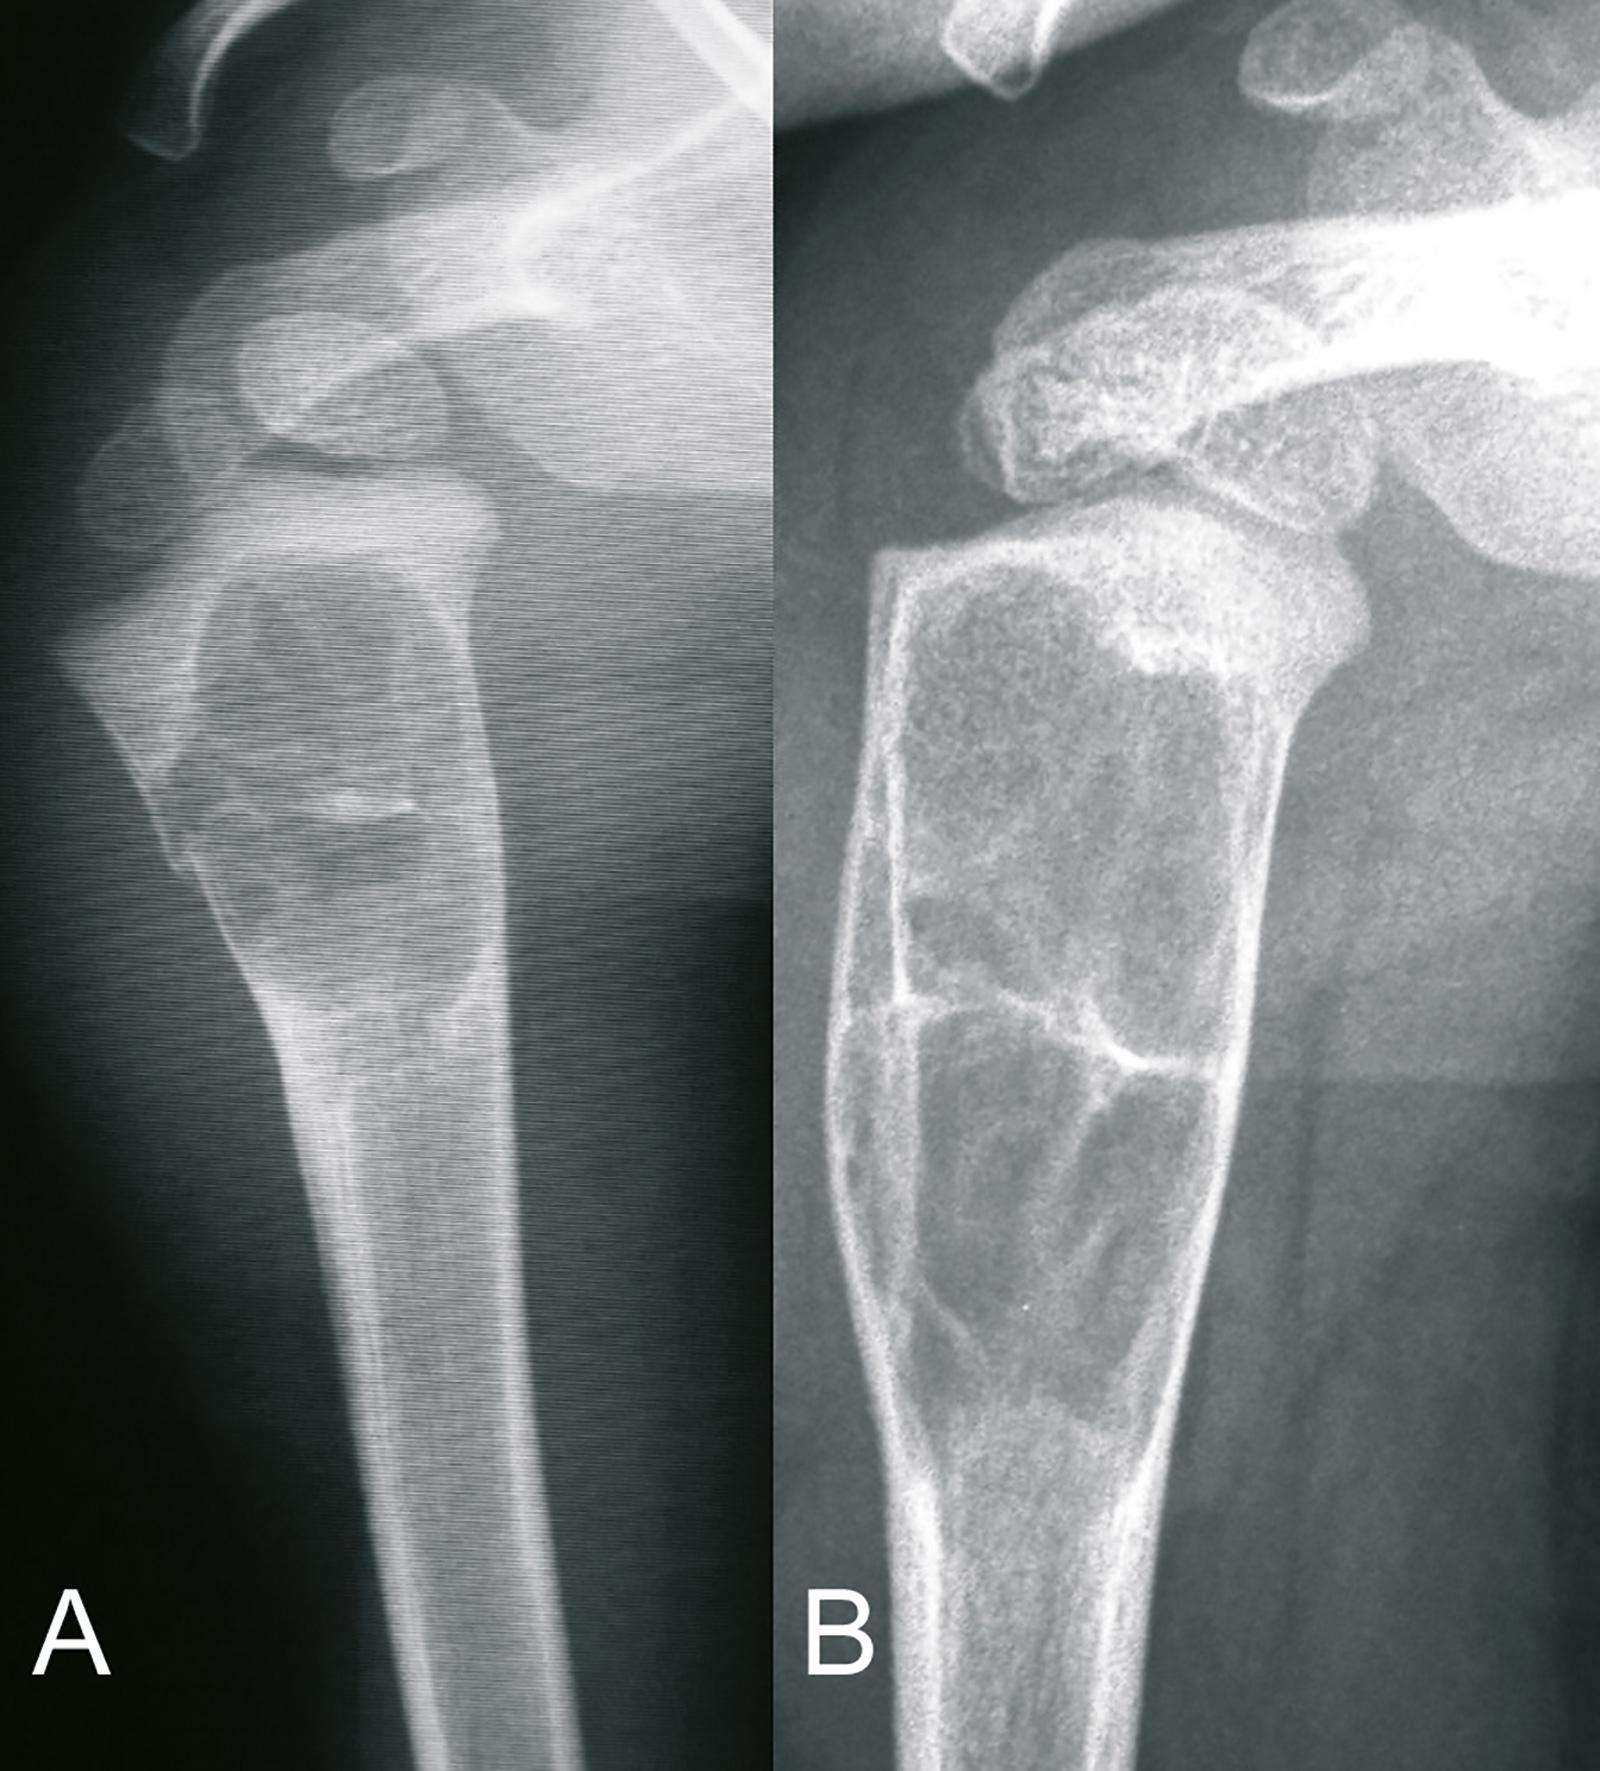 Abb. 8-38: Juvenile Knochenzyste des proximalen Humerus mit pathologischer Fraktur (A). Mit dem weiteren Knochenwachstum wird die Läsion größer und wandert nach distal (B) (Eigentum des Insituts für Klinische Radiologie der Universität Münster)